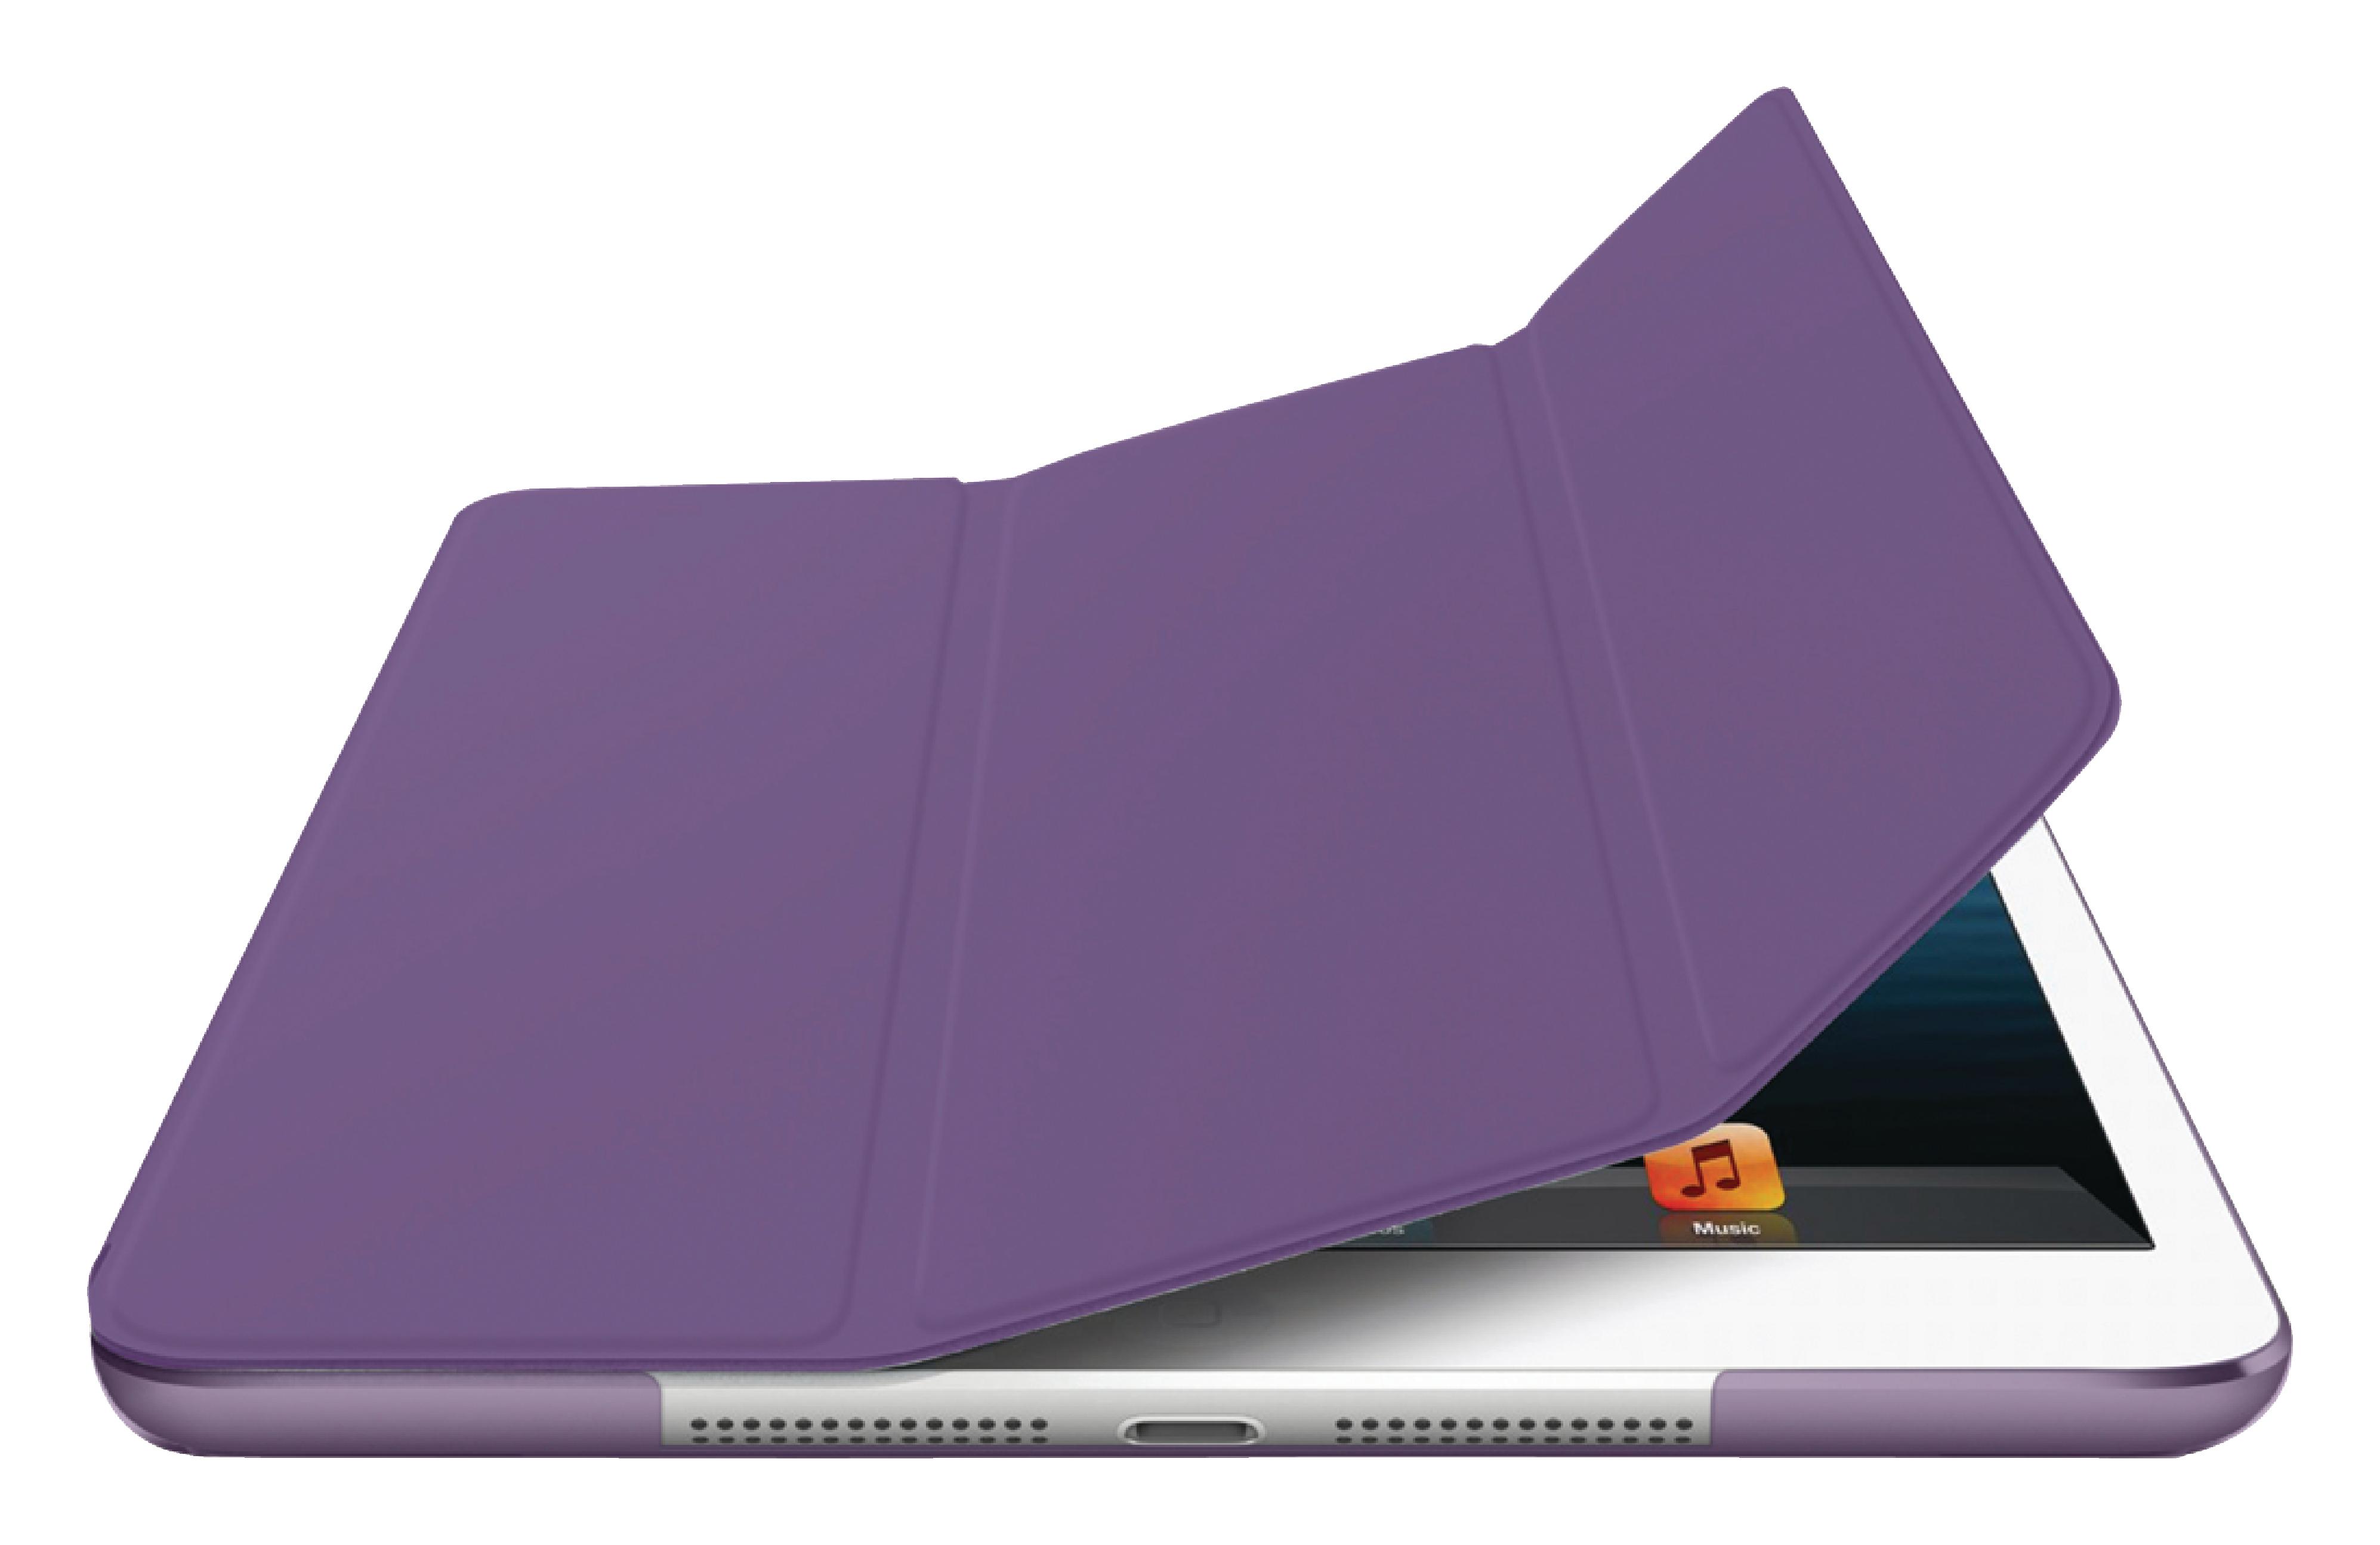 Billede af Tablet Folie Apple iPad Air 2 Violet